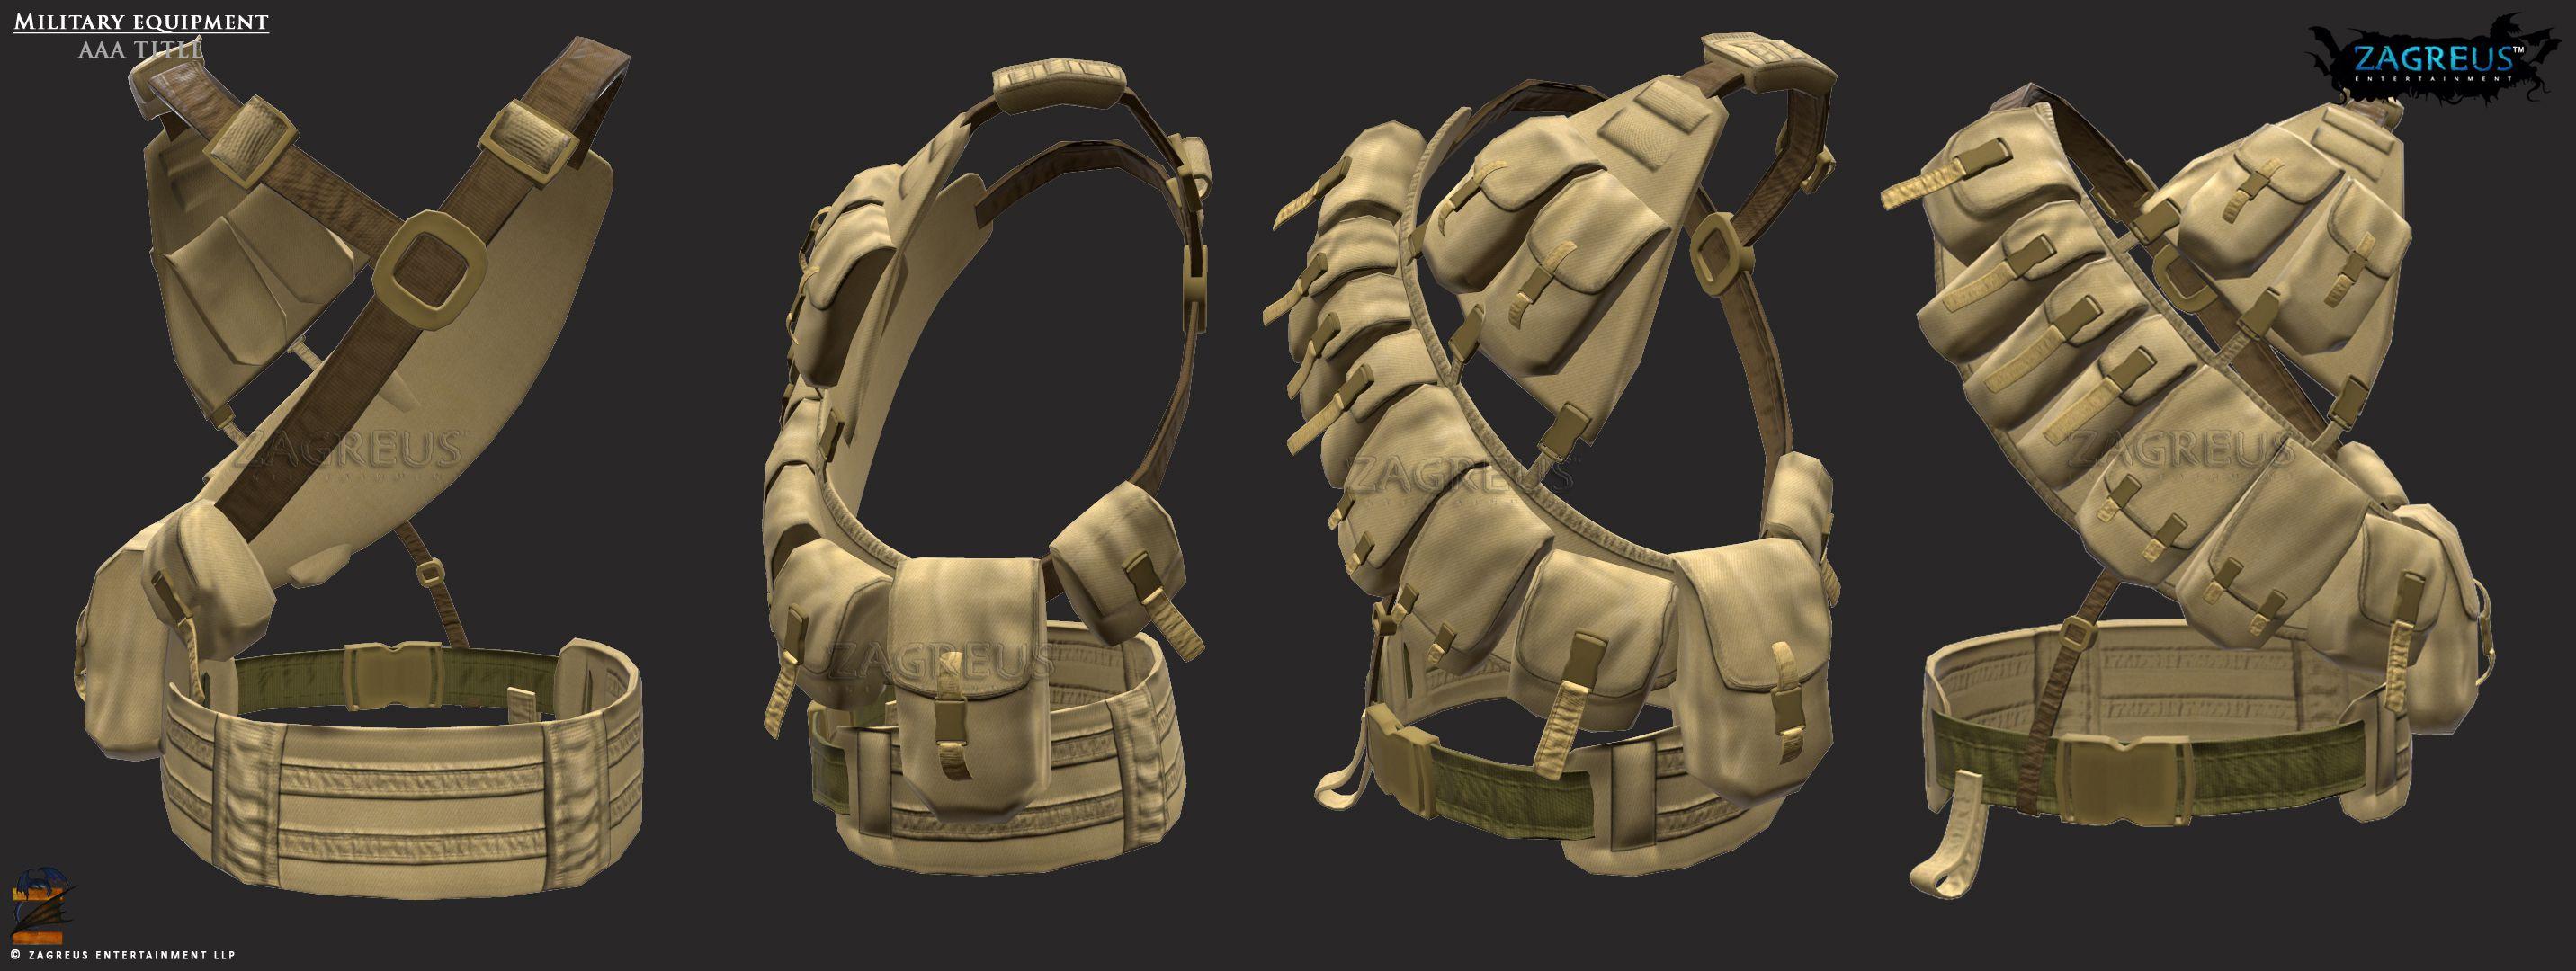 millitary_equipment_09_ze.jpg